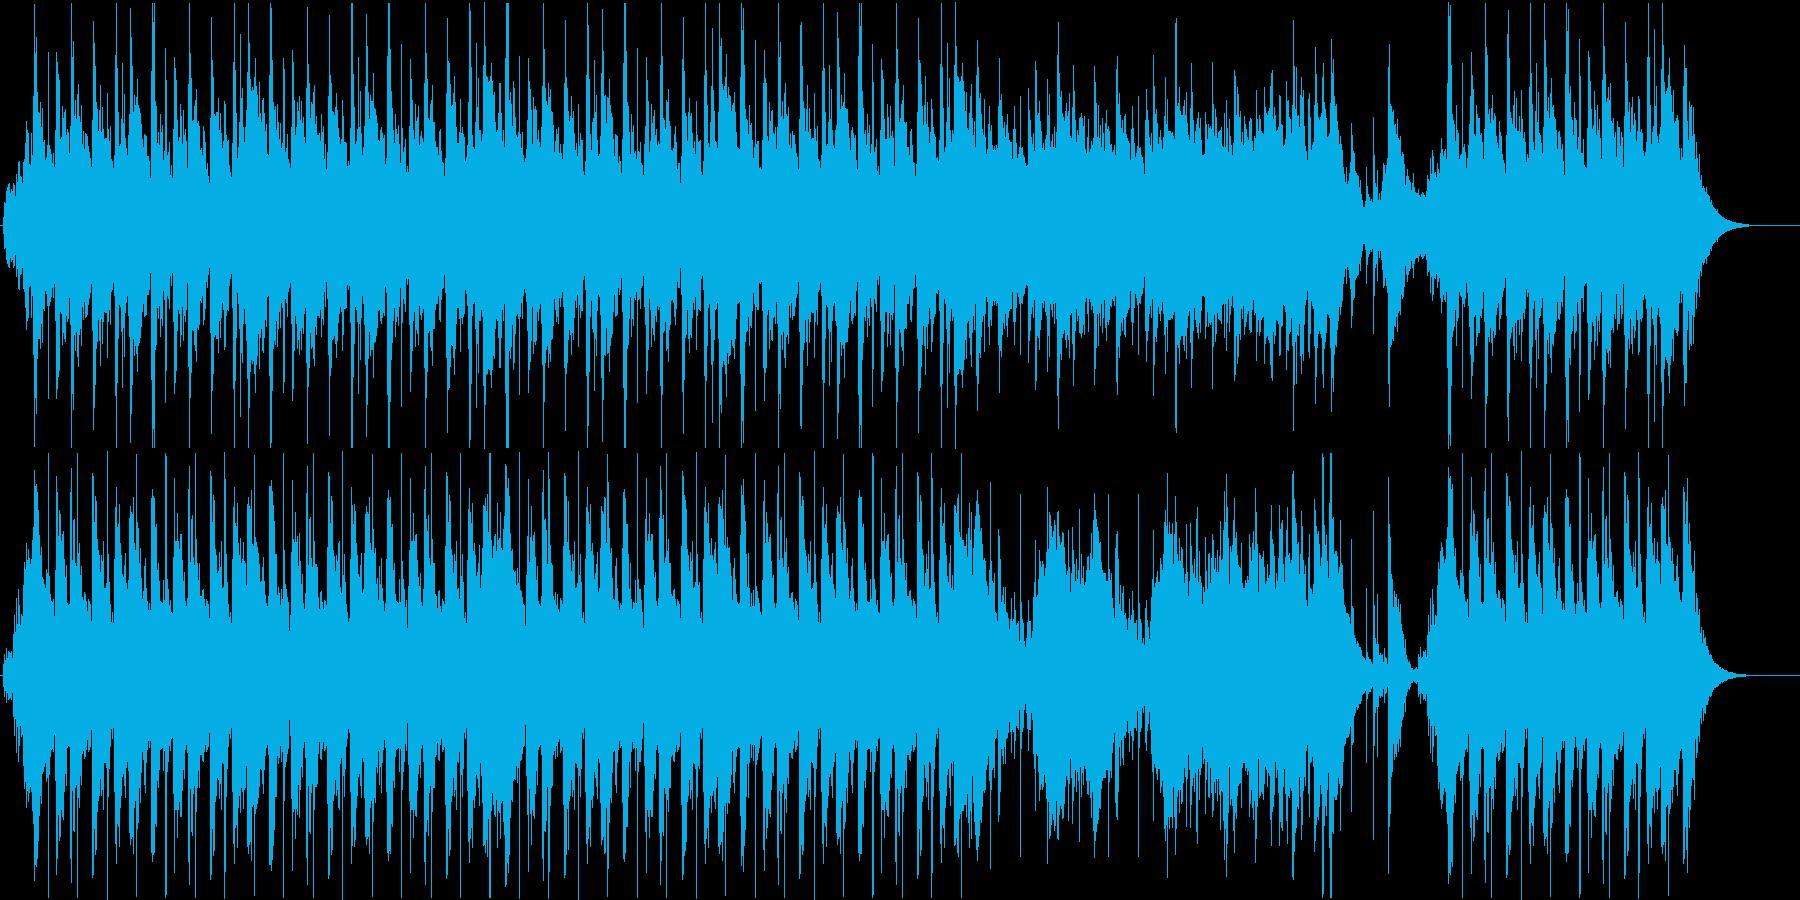 琴・尺八・三味線・和太鼓の純和風BGMの再生済みの波形